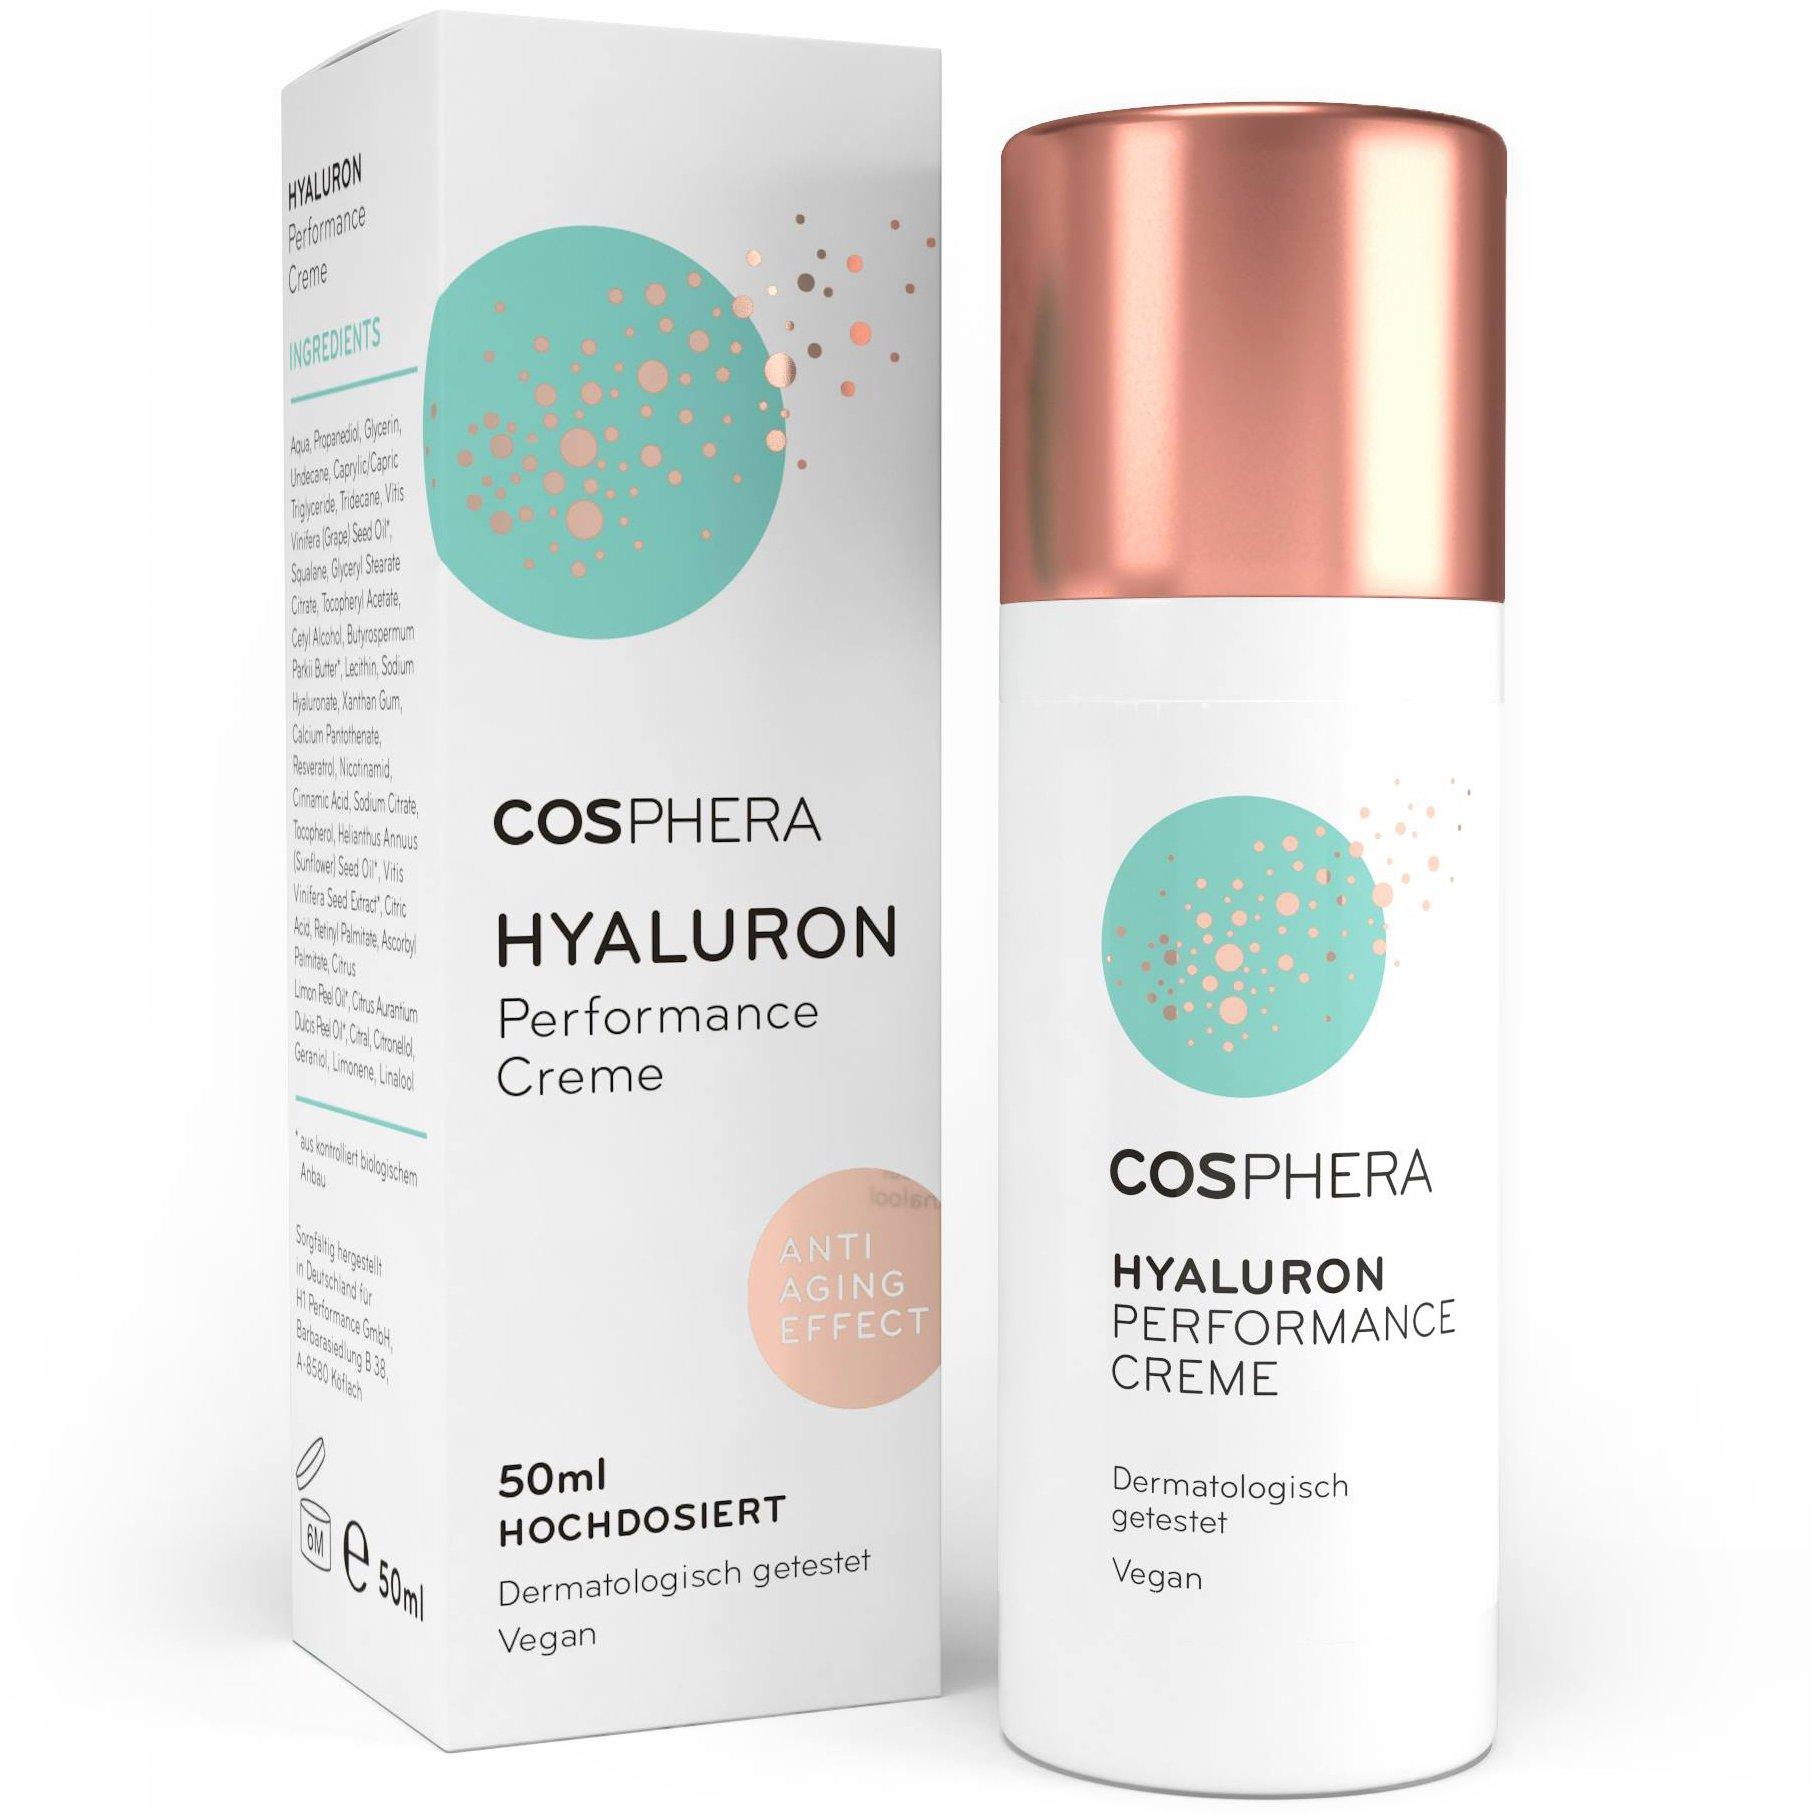 Cosphera - Hyaluron Performance Creme 50 ml - vegane Tages- und Nachtcreme hochdosiert für Gesicht, Hals, Dekolleté, Augen - Anti-Falten Feuchtigkeitsbehandlung für Frauen und Männer product image